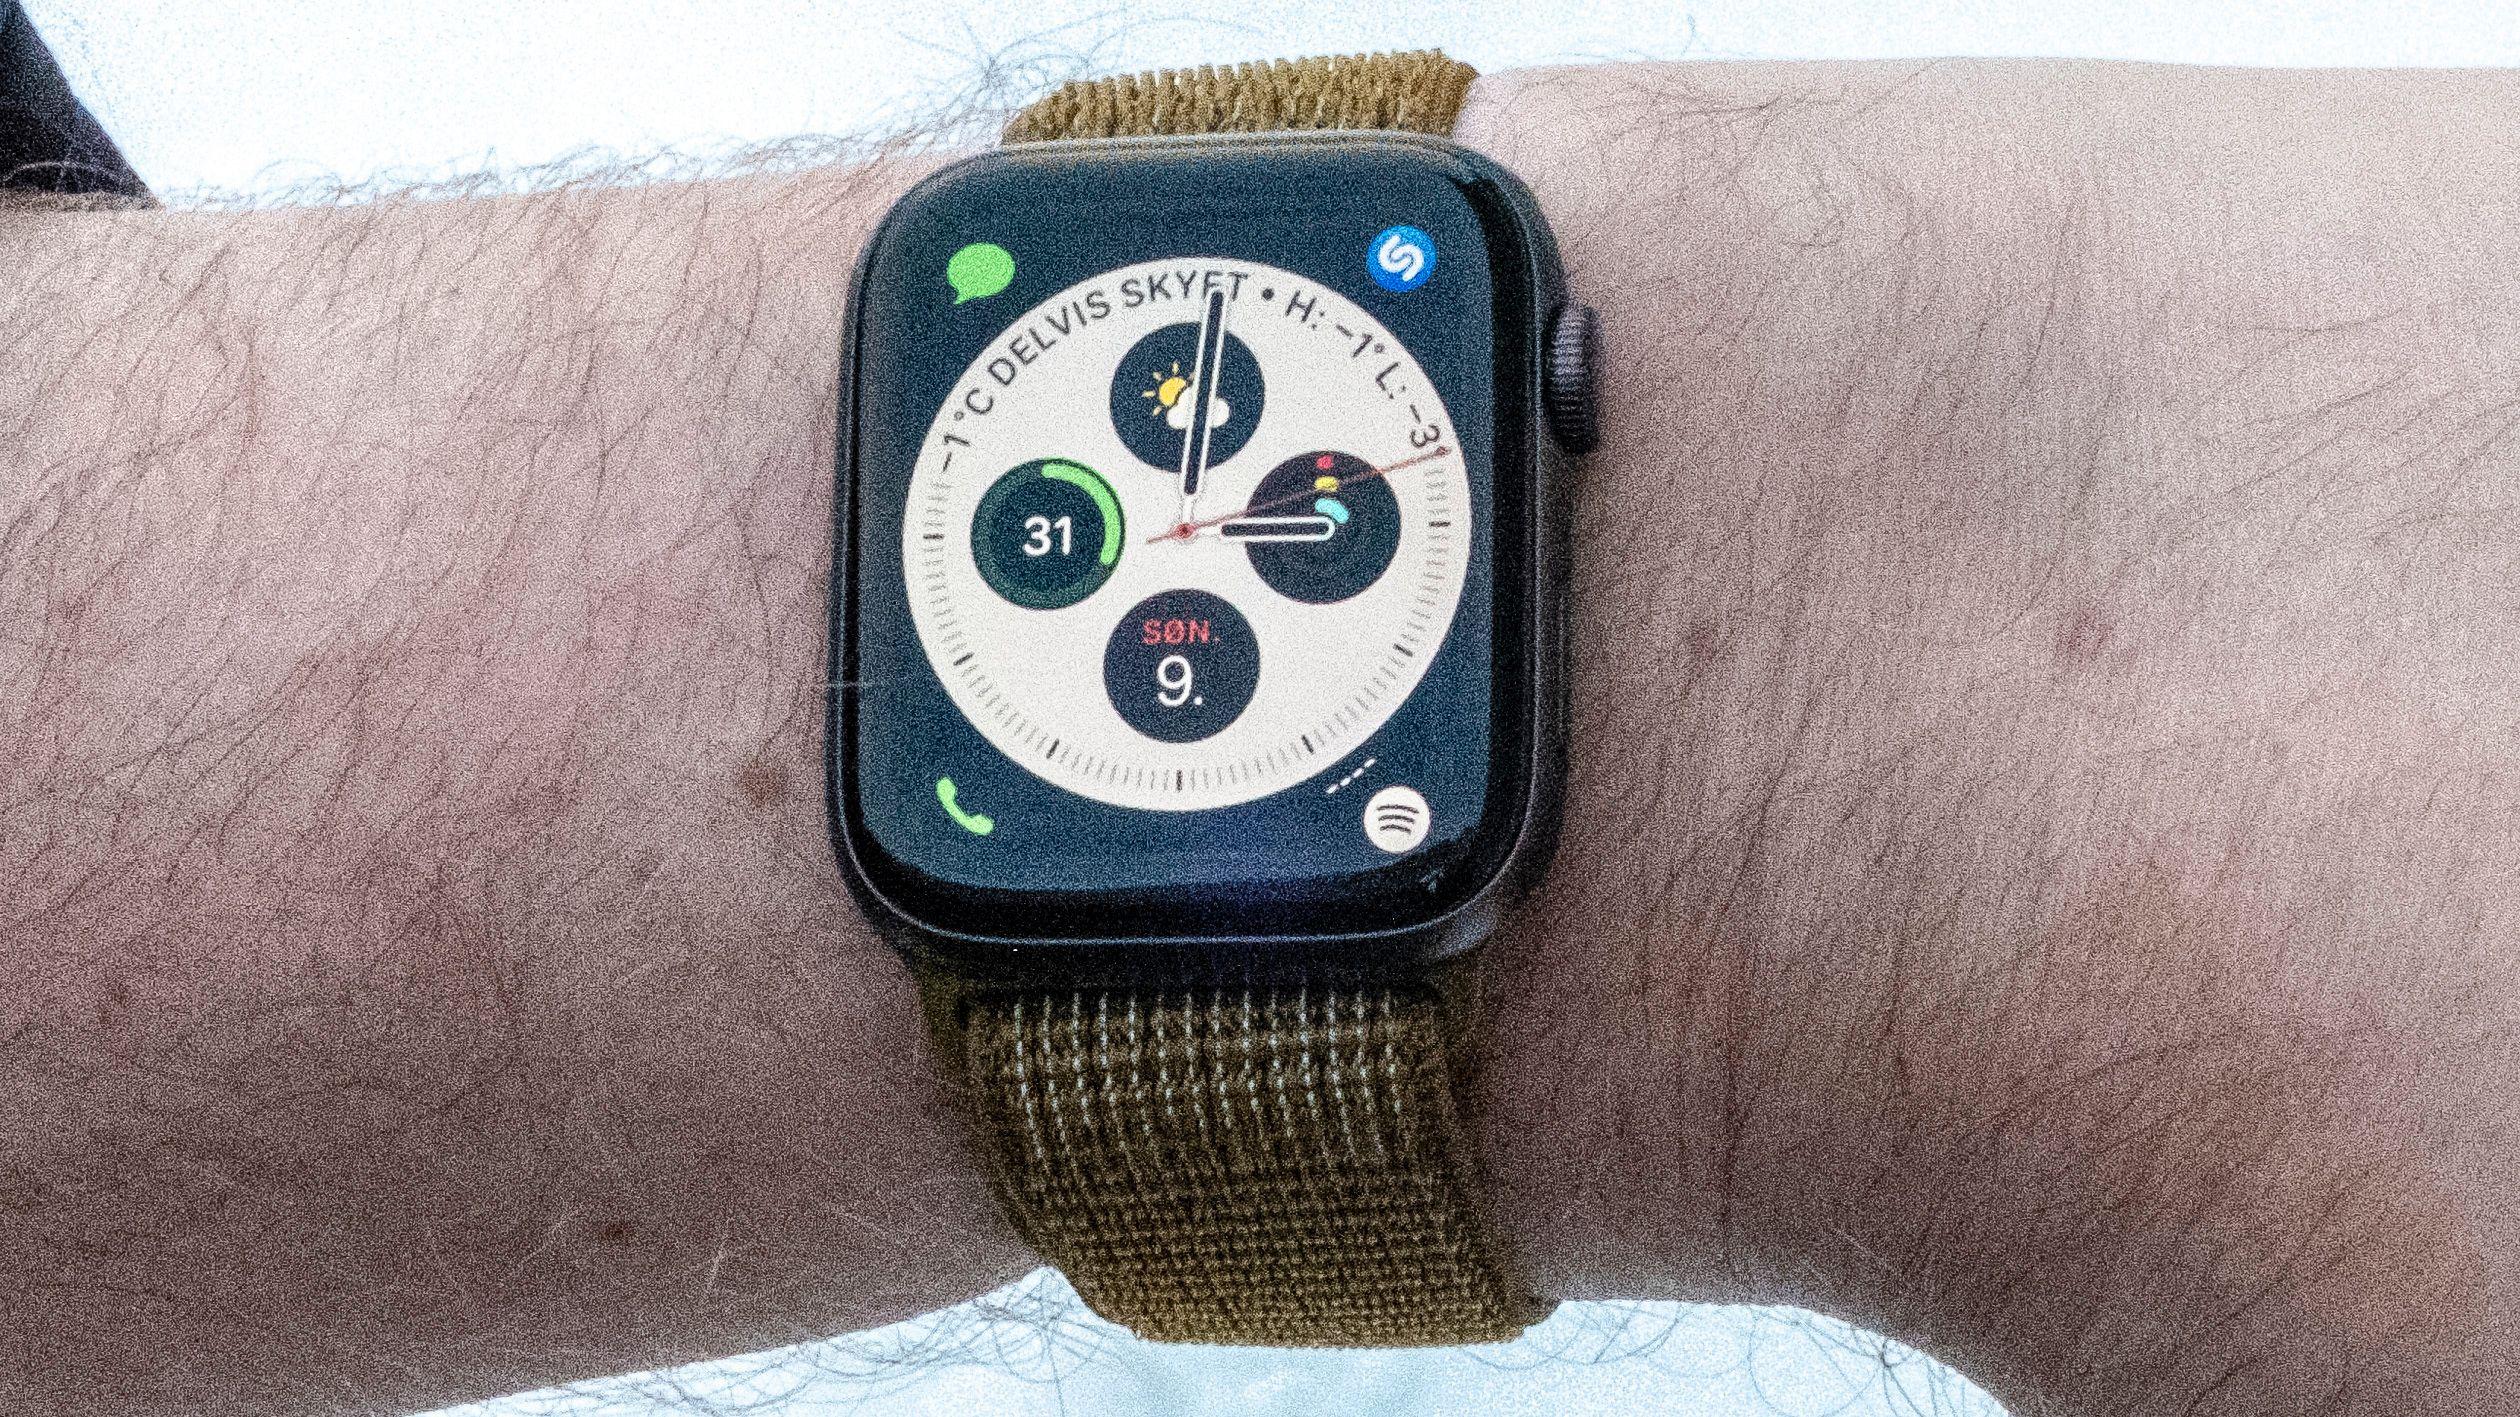 Mange ting i Apple Watch bruker strøm – alt fra pulsmåling til GPS og prosessor trekker strøm. Hvor mye bedre batteritiden kan bli av bedre skjerm avhenger av hvor stor andel dagens skjerm trekker.